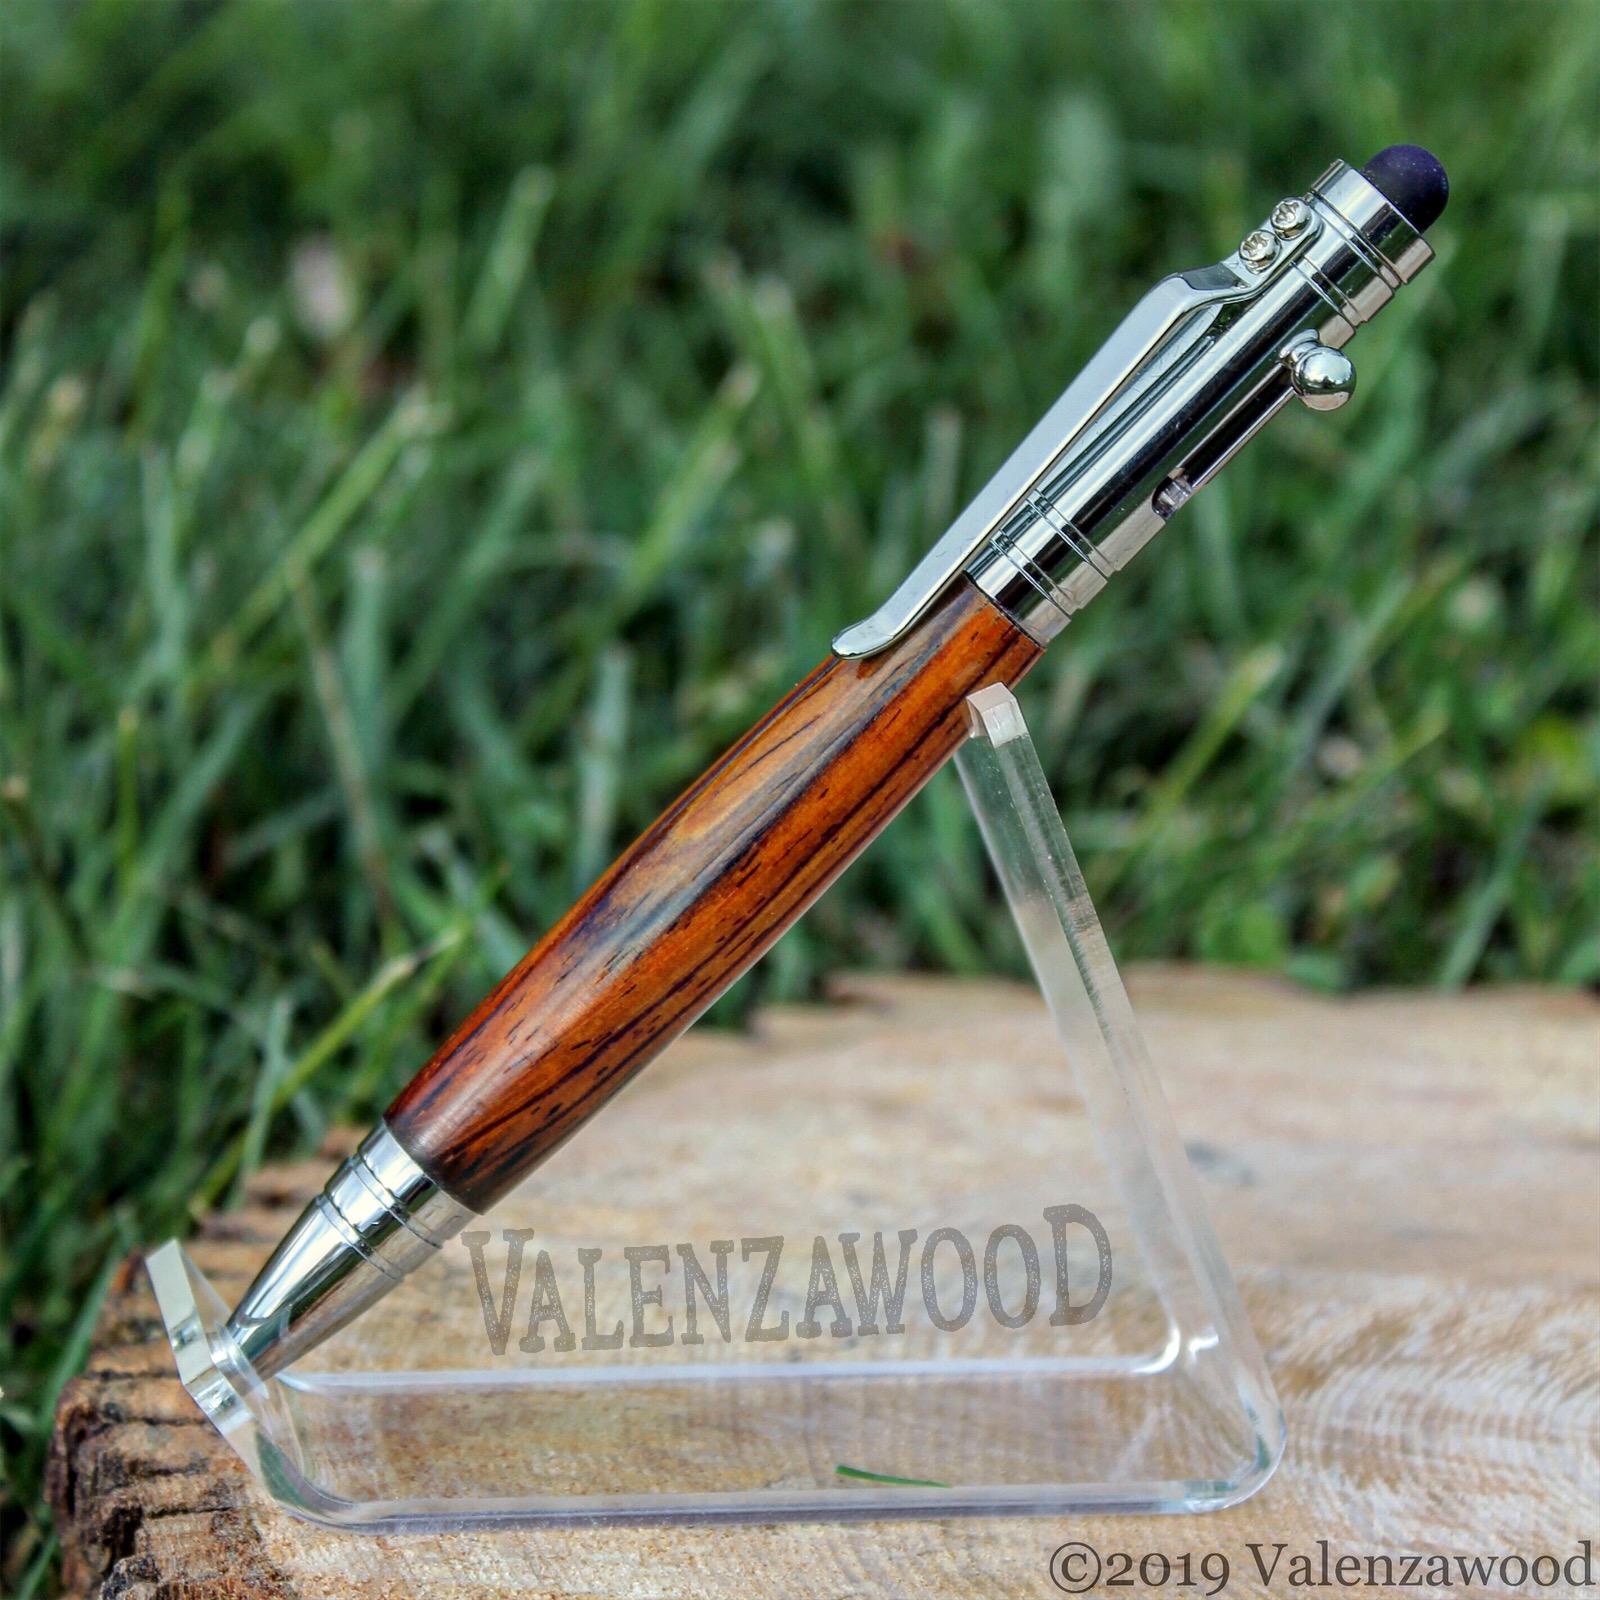 Cocobolo - Cocobolo Wood | Tec Style | Bolt Action | Chrome Trim | Ballpoint Pen | Stylus optional